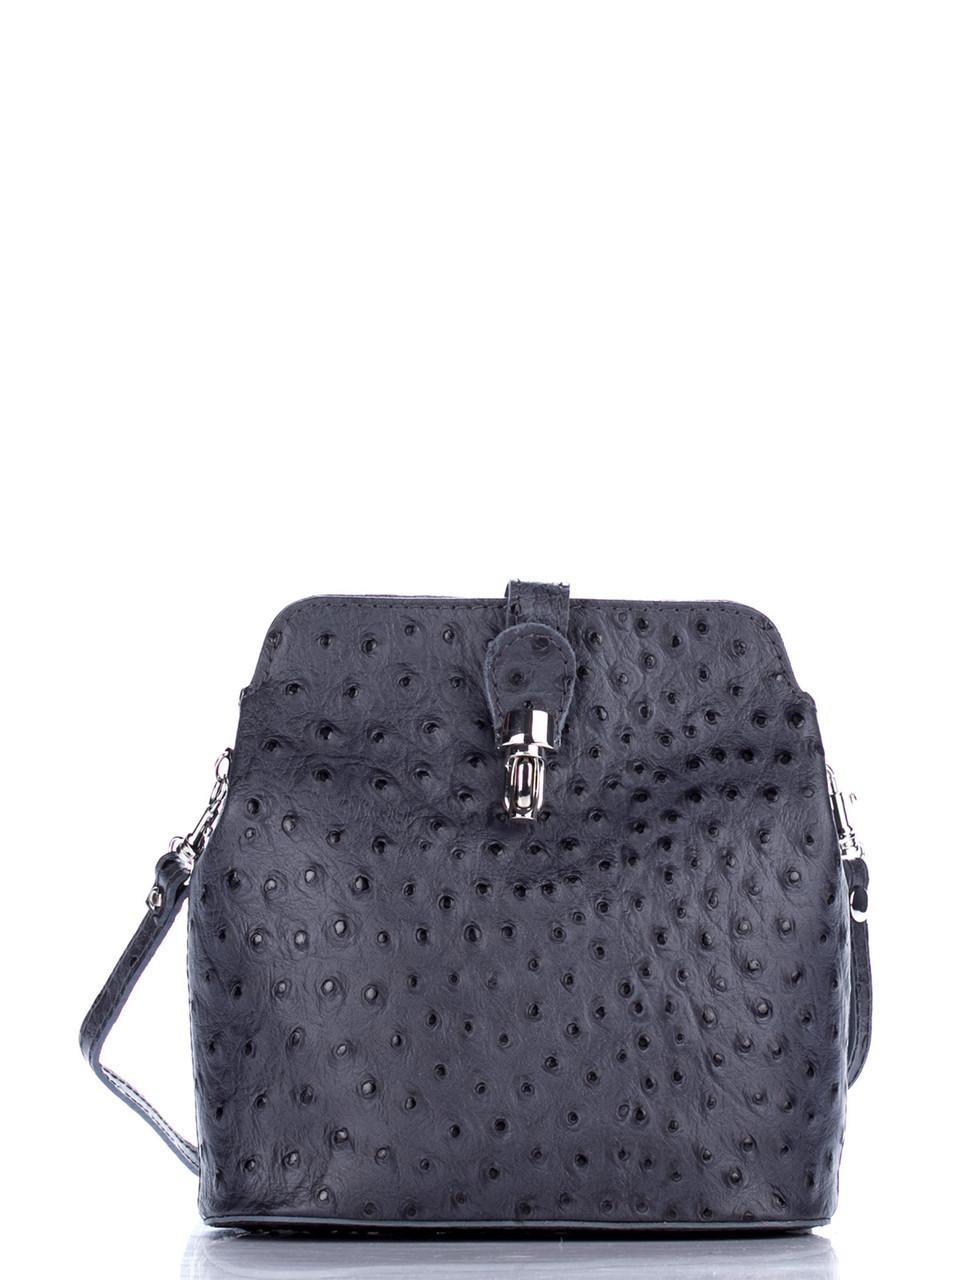 Стильная женская кожаная сумка INES Diva's Bag цвет темно-серый